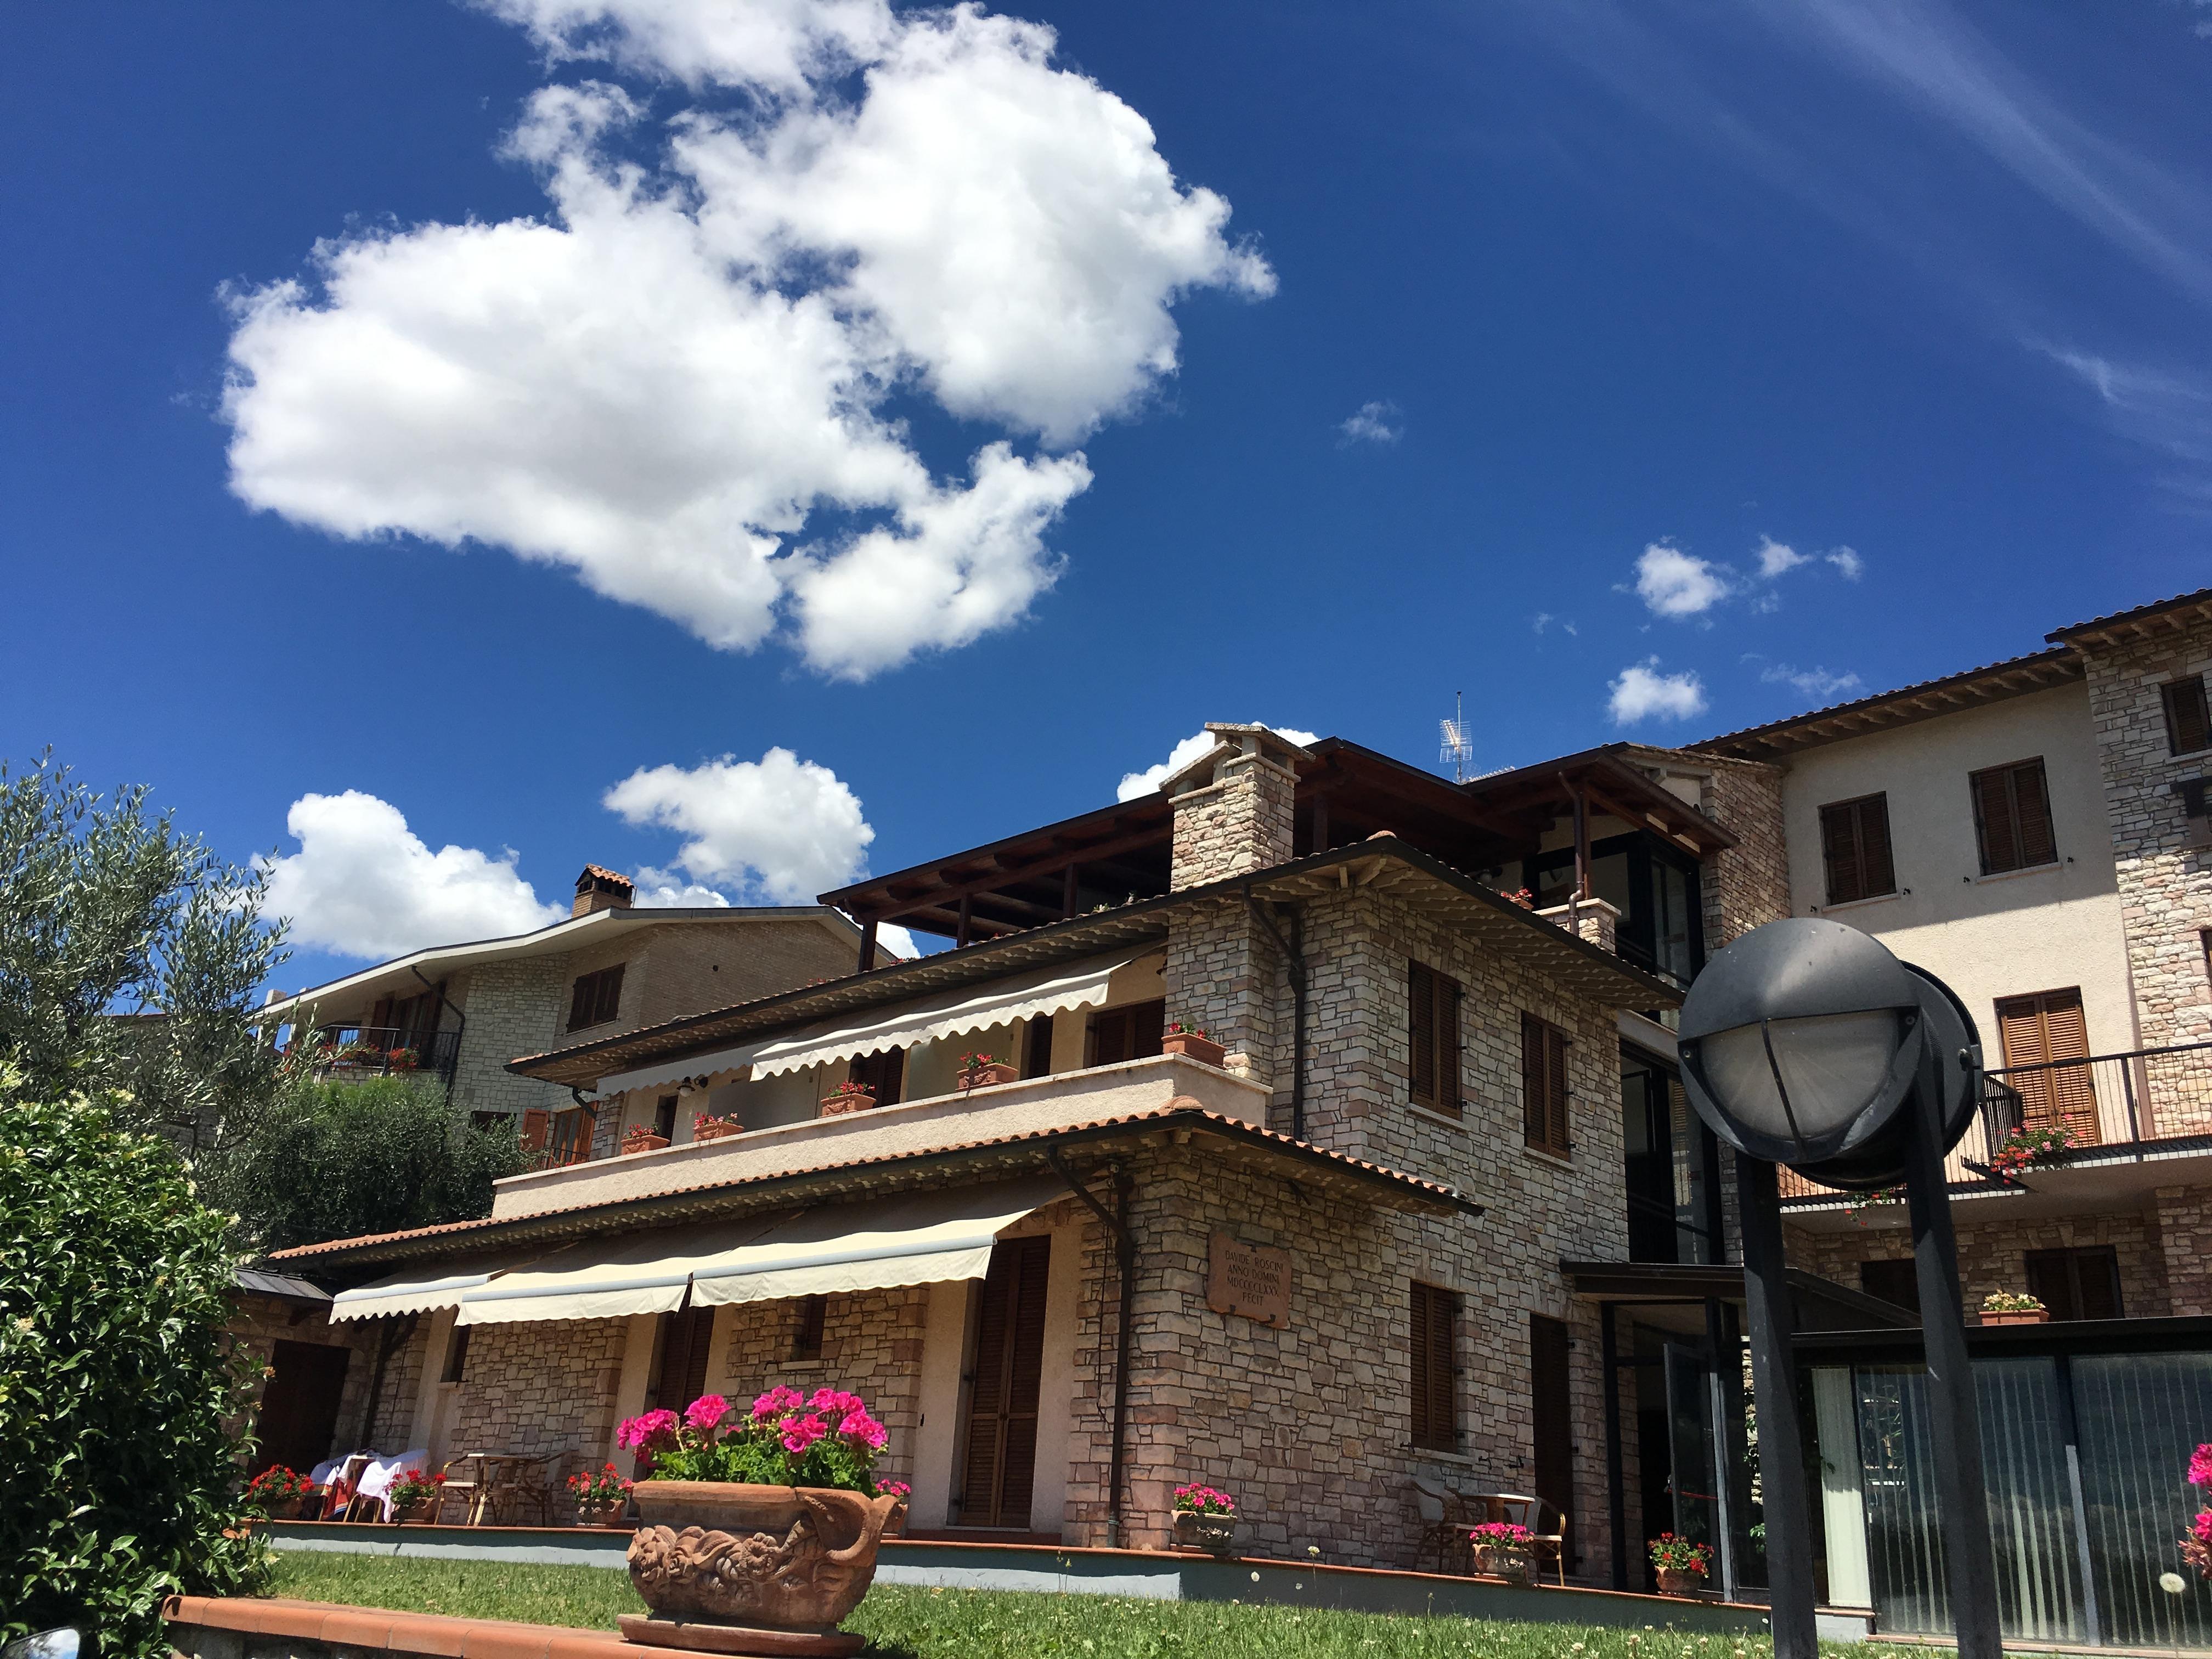 Hotel Ristorante La Terrazza: 2018 Room Prices, Deals & Reviews ...